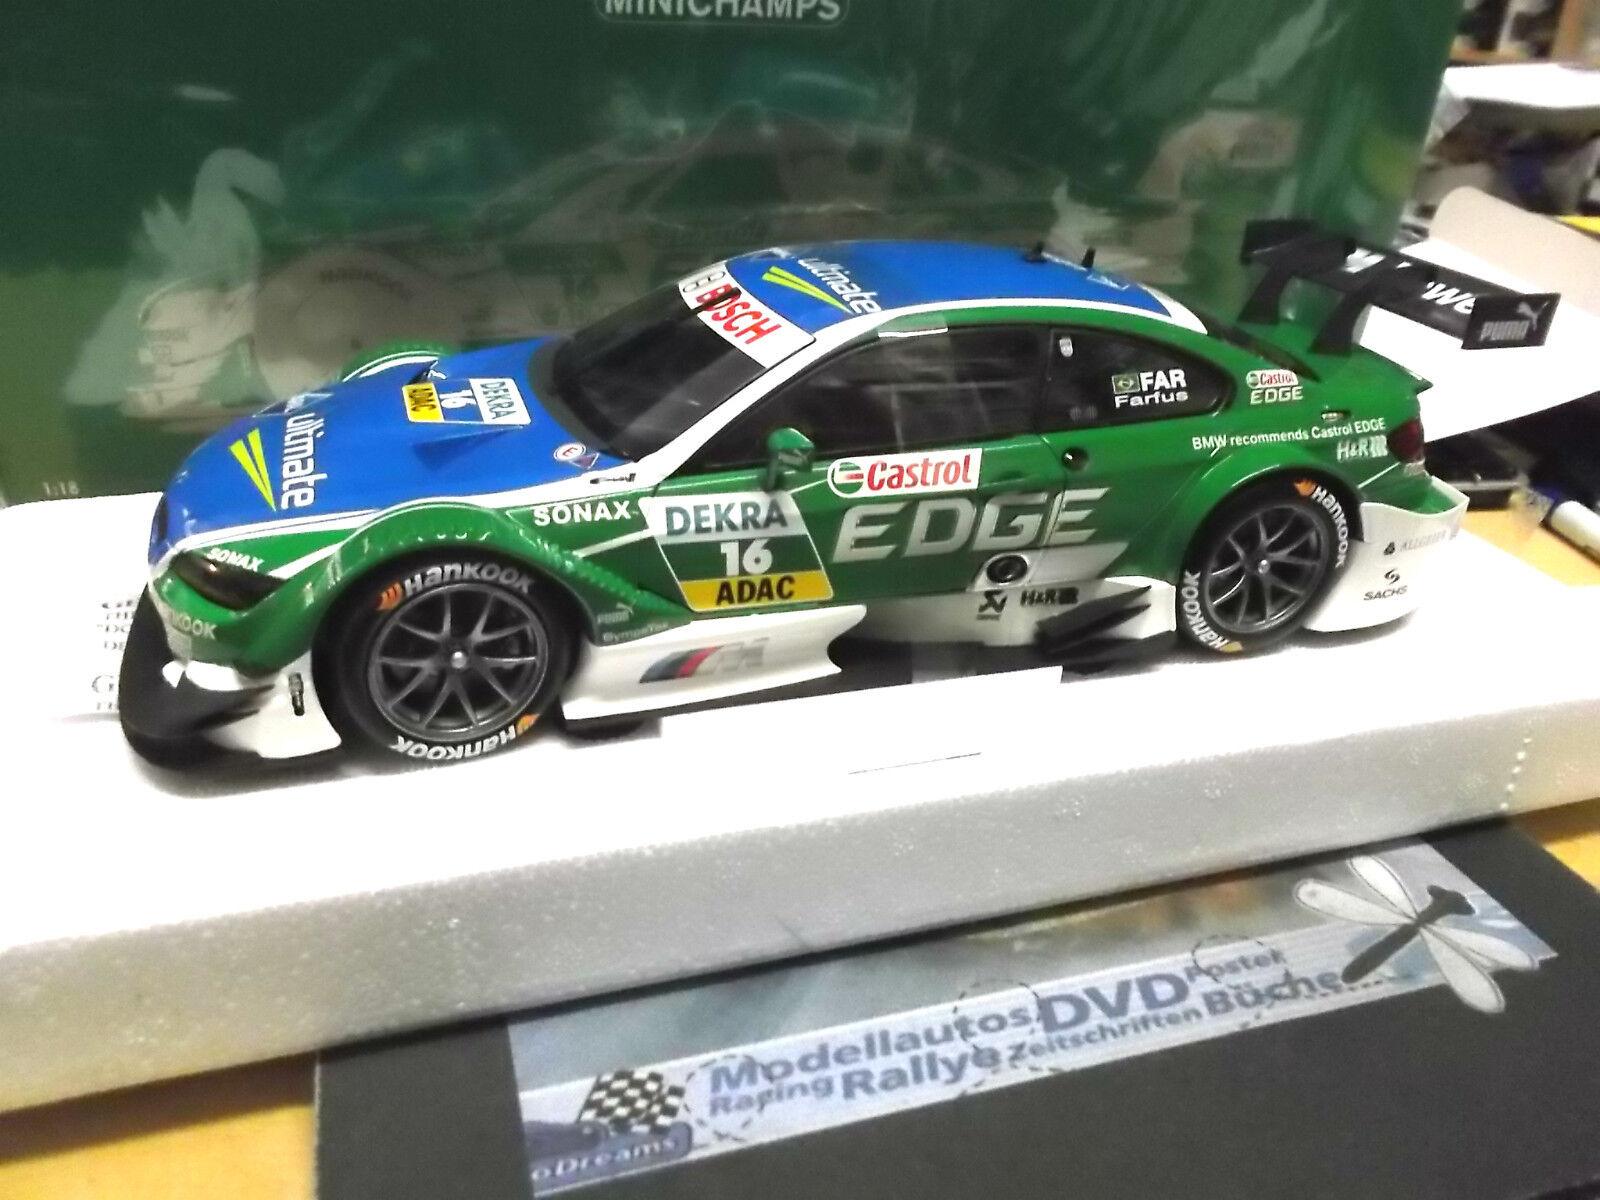 BMW m3 e92 COUPE DTM 2012 Farfus CASTROL EDGE Aral  16 s-prix Minichamps 1 18